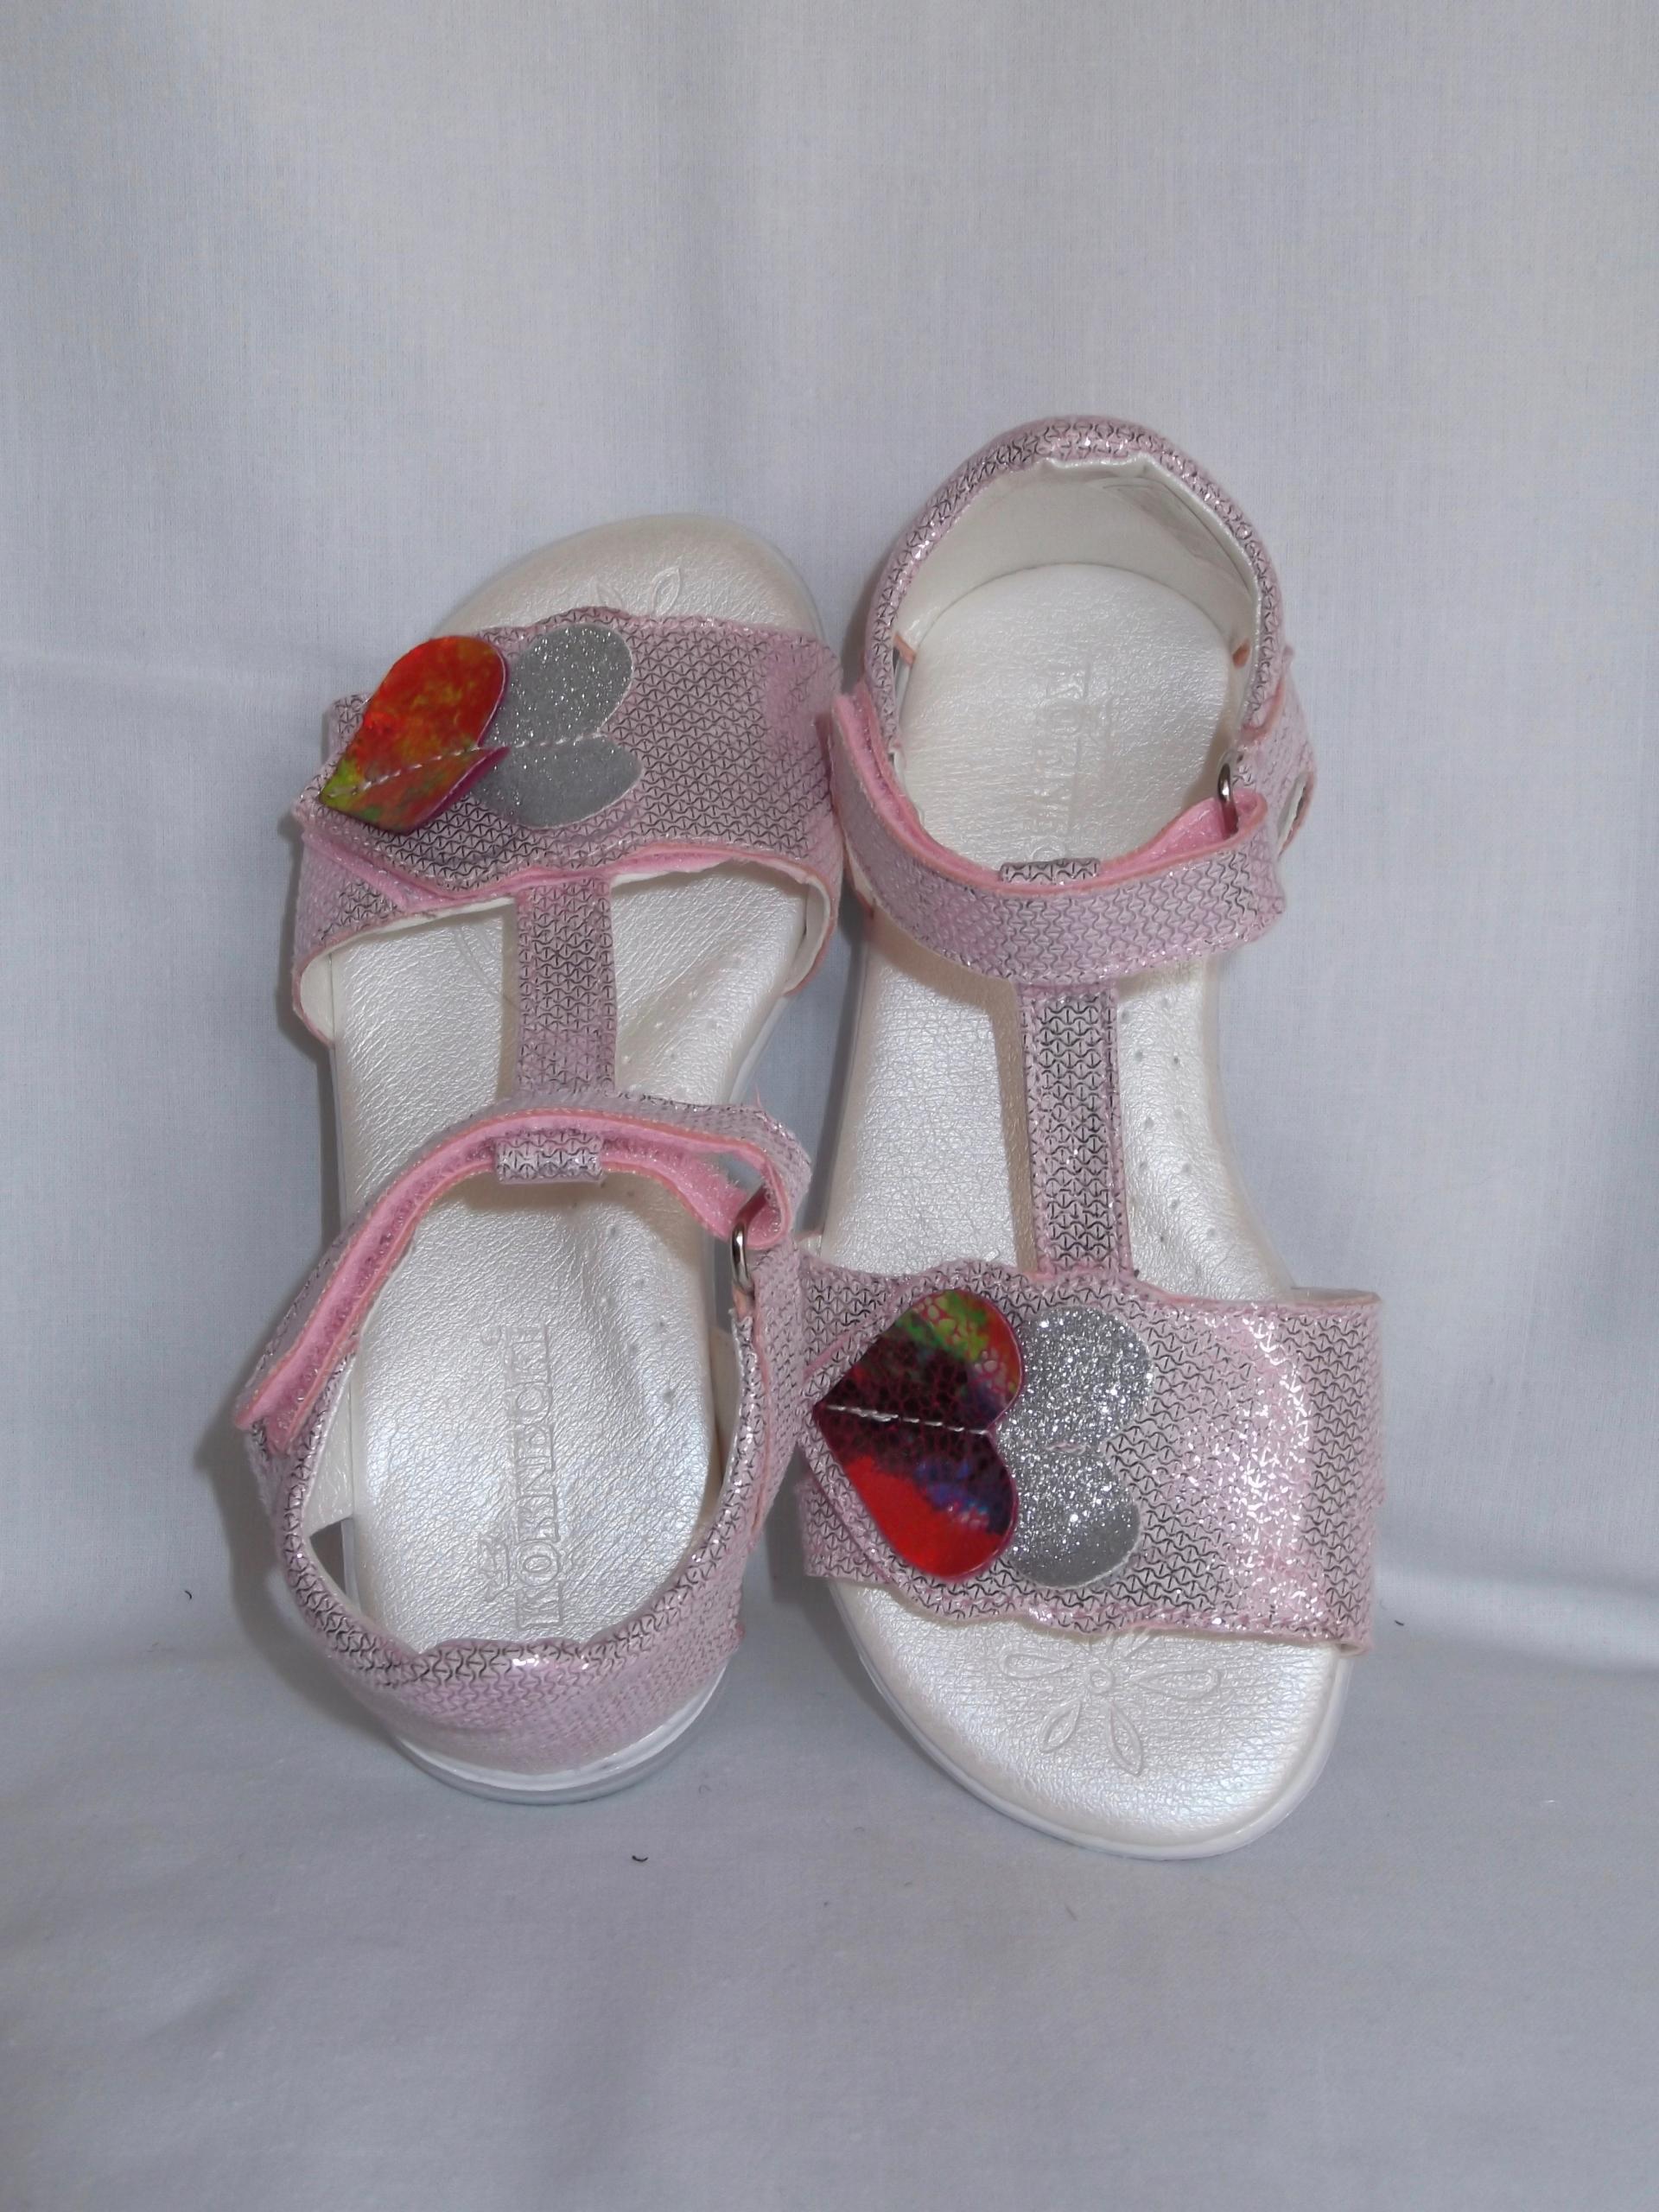 Sandałki dziewczynka Kornecki 6331 wkł.19 cm roz30